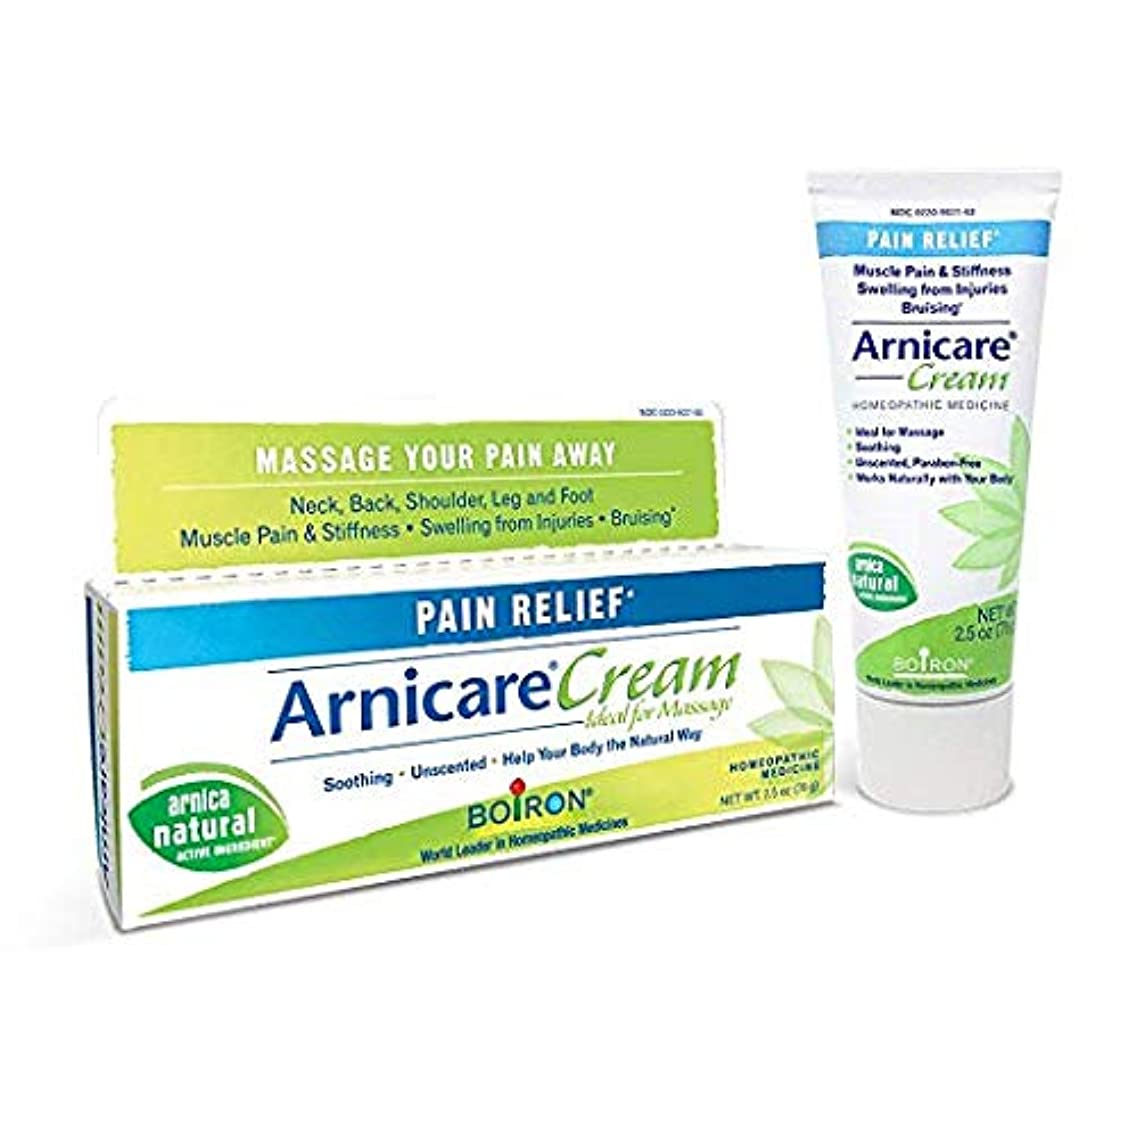 植生フィドルモルヒネボイロン アルニカクリーム Boiron Arnicare Cream 2.5 Ounces Topical Pain Relief Cream [並行輸入品]